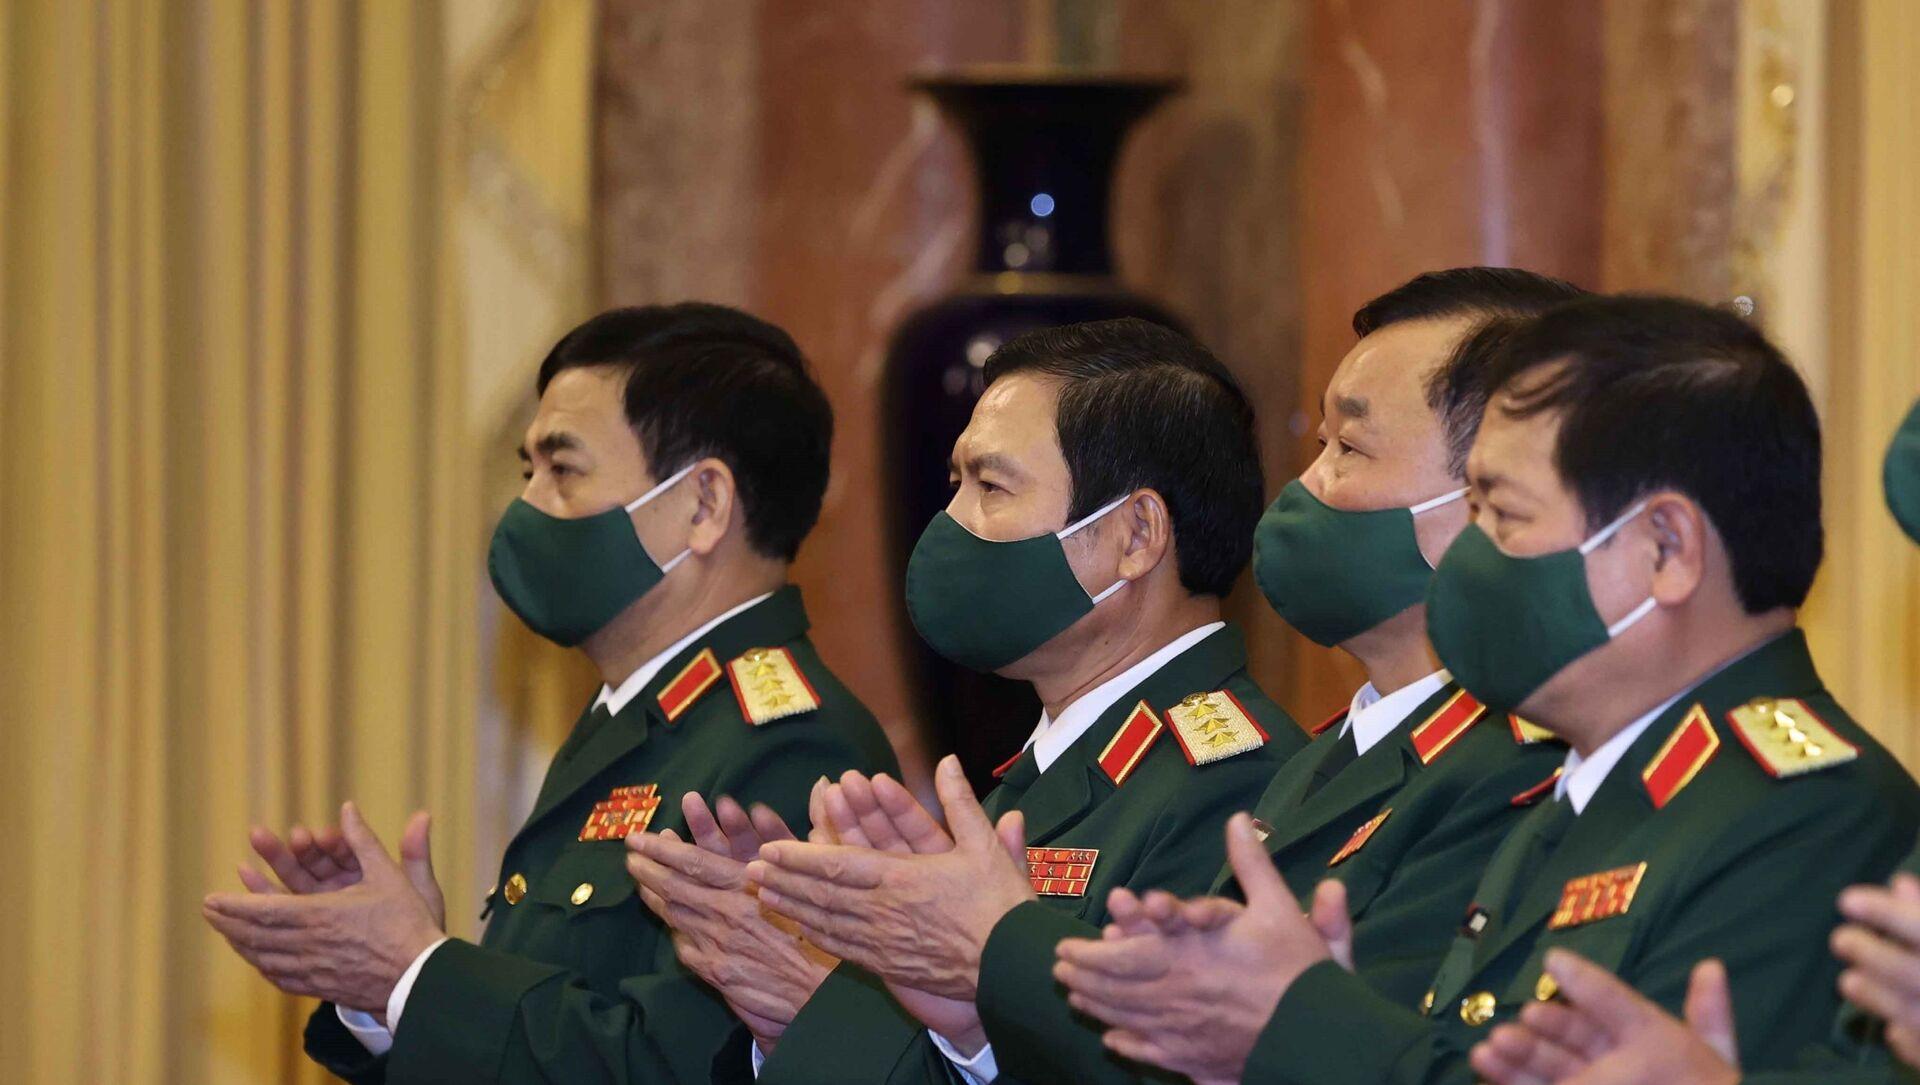 Lãnh đạo Bộ Quốc phòng tham dự buổi lễ.  - Sputnik Việt Nam, 1920, 07.06.2021